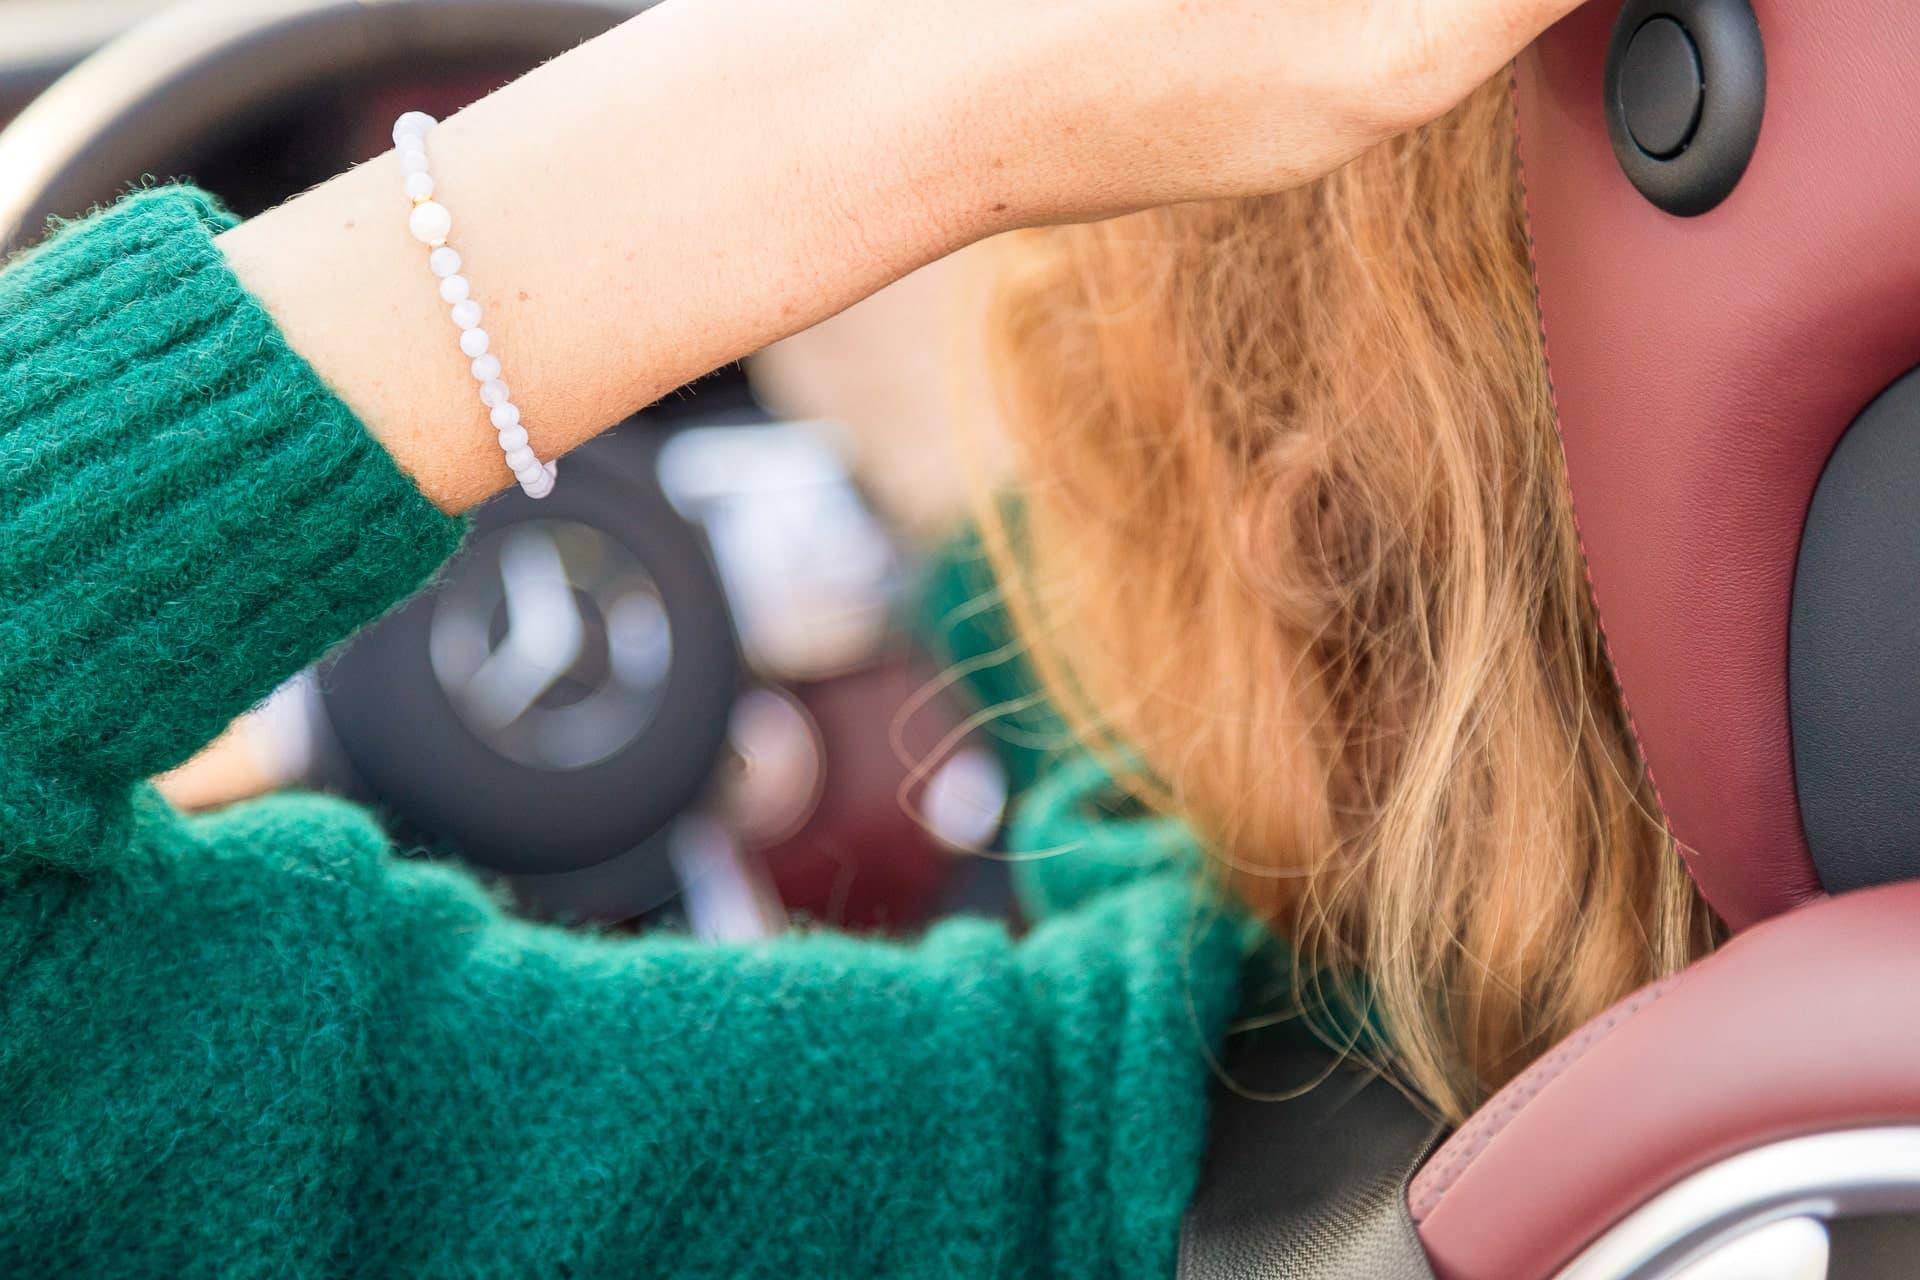 Dámský náramek Preciosa perly - Grey mist na ruce